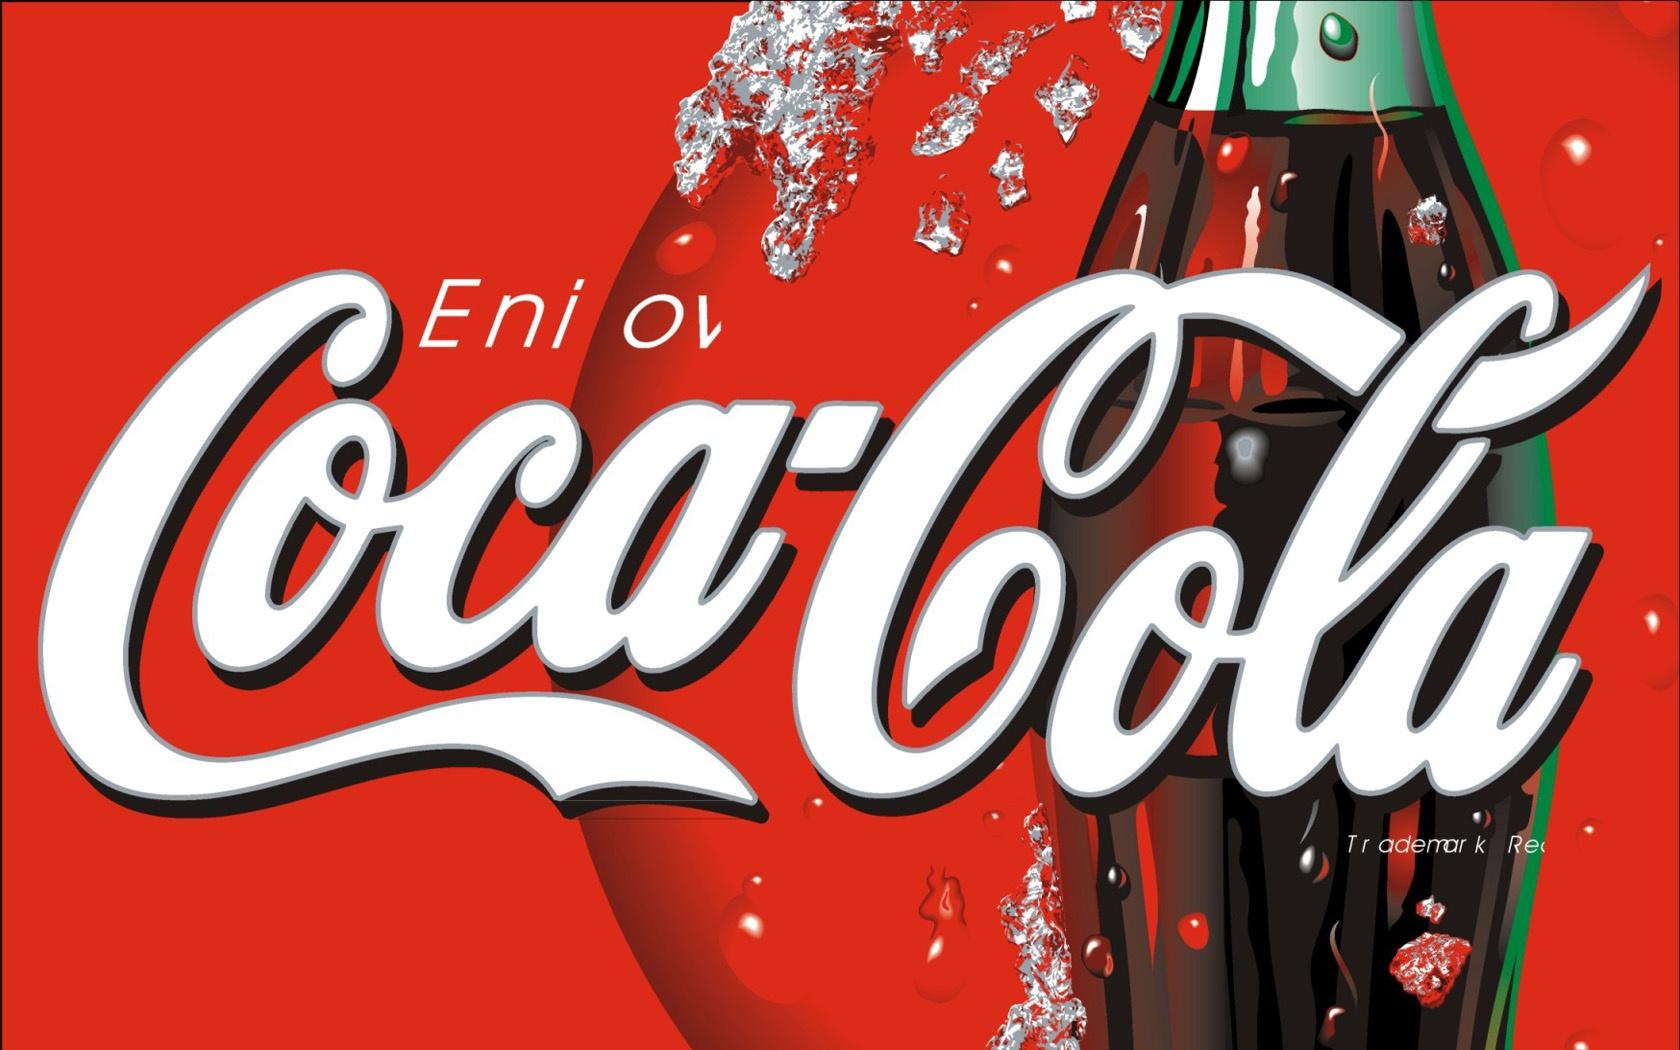 コカコーラ、ボトル、ティール.jpg